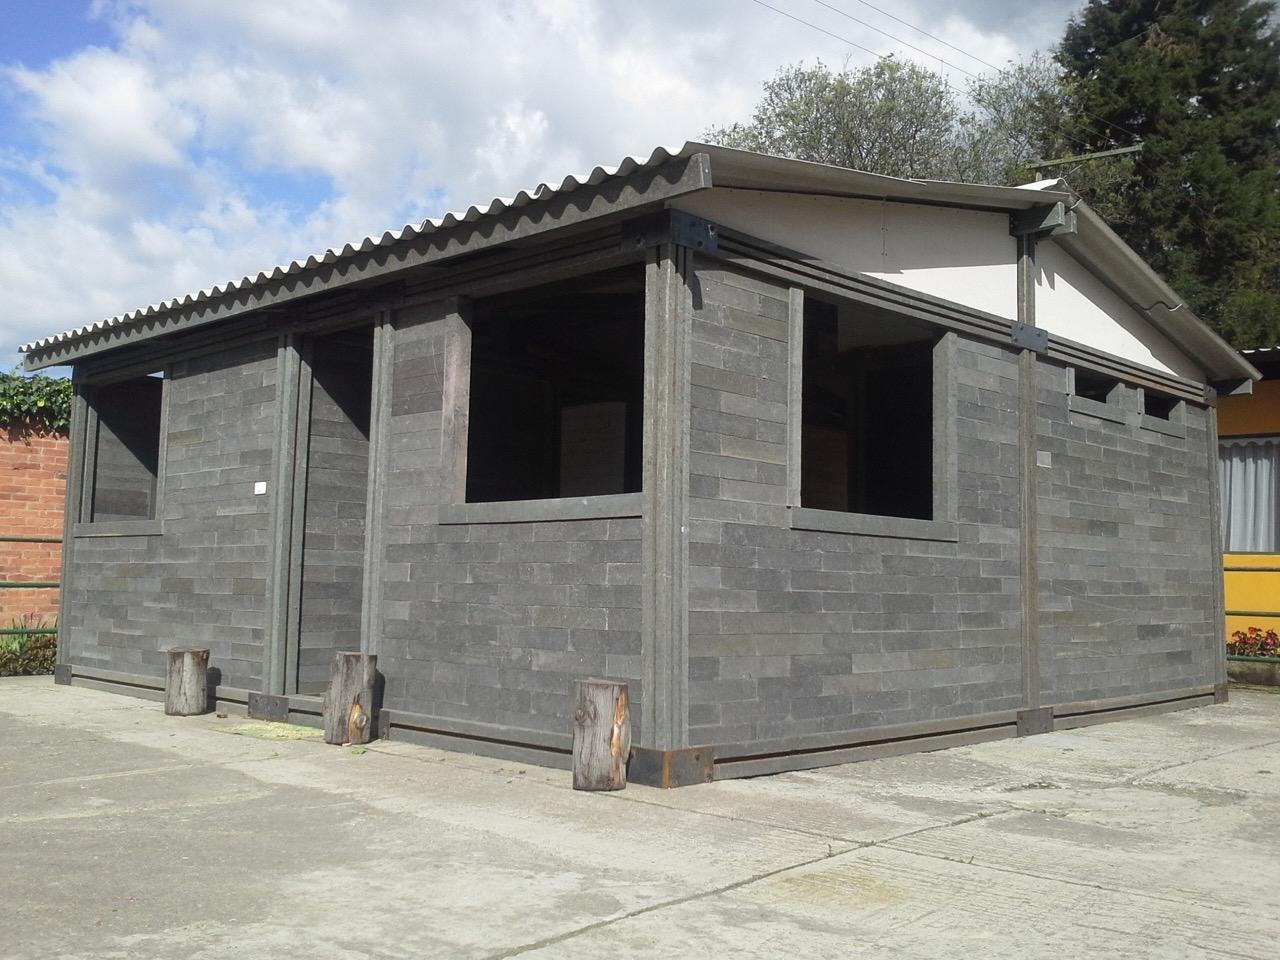 Takie niedrogie, ekologiczne iwytrzymałe domy mogą stanąć już niedługo wwielu zakątkach świata. / Foto: archdaily.mx